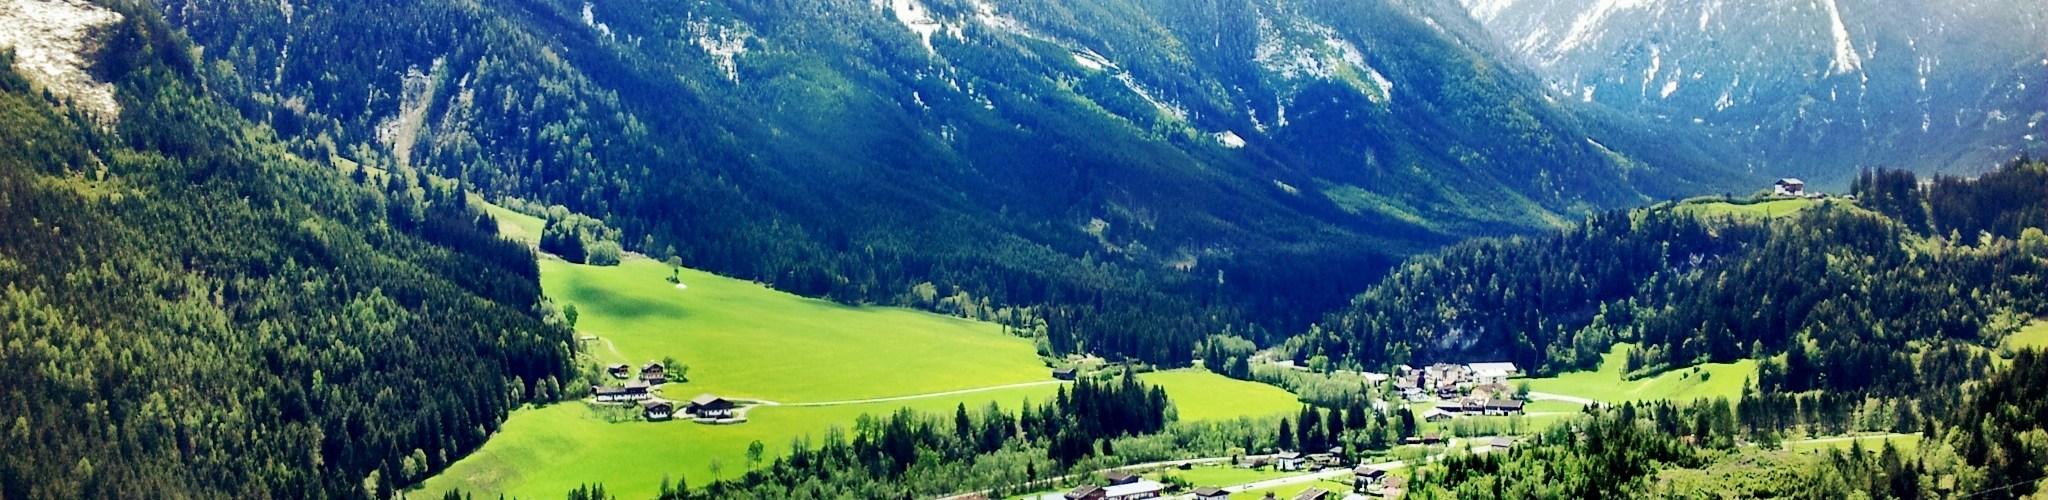 ريف النمسا2